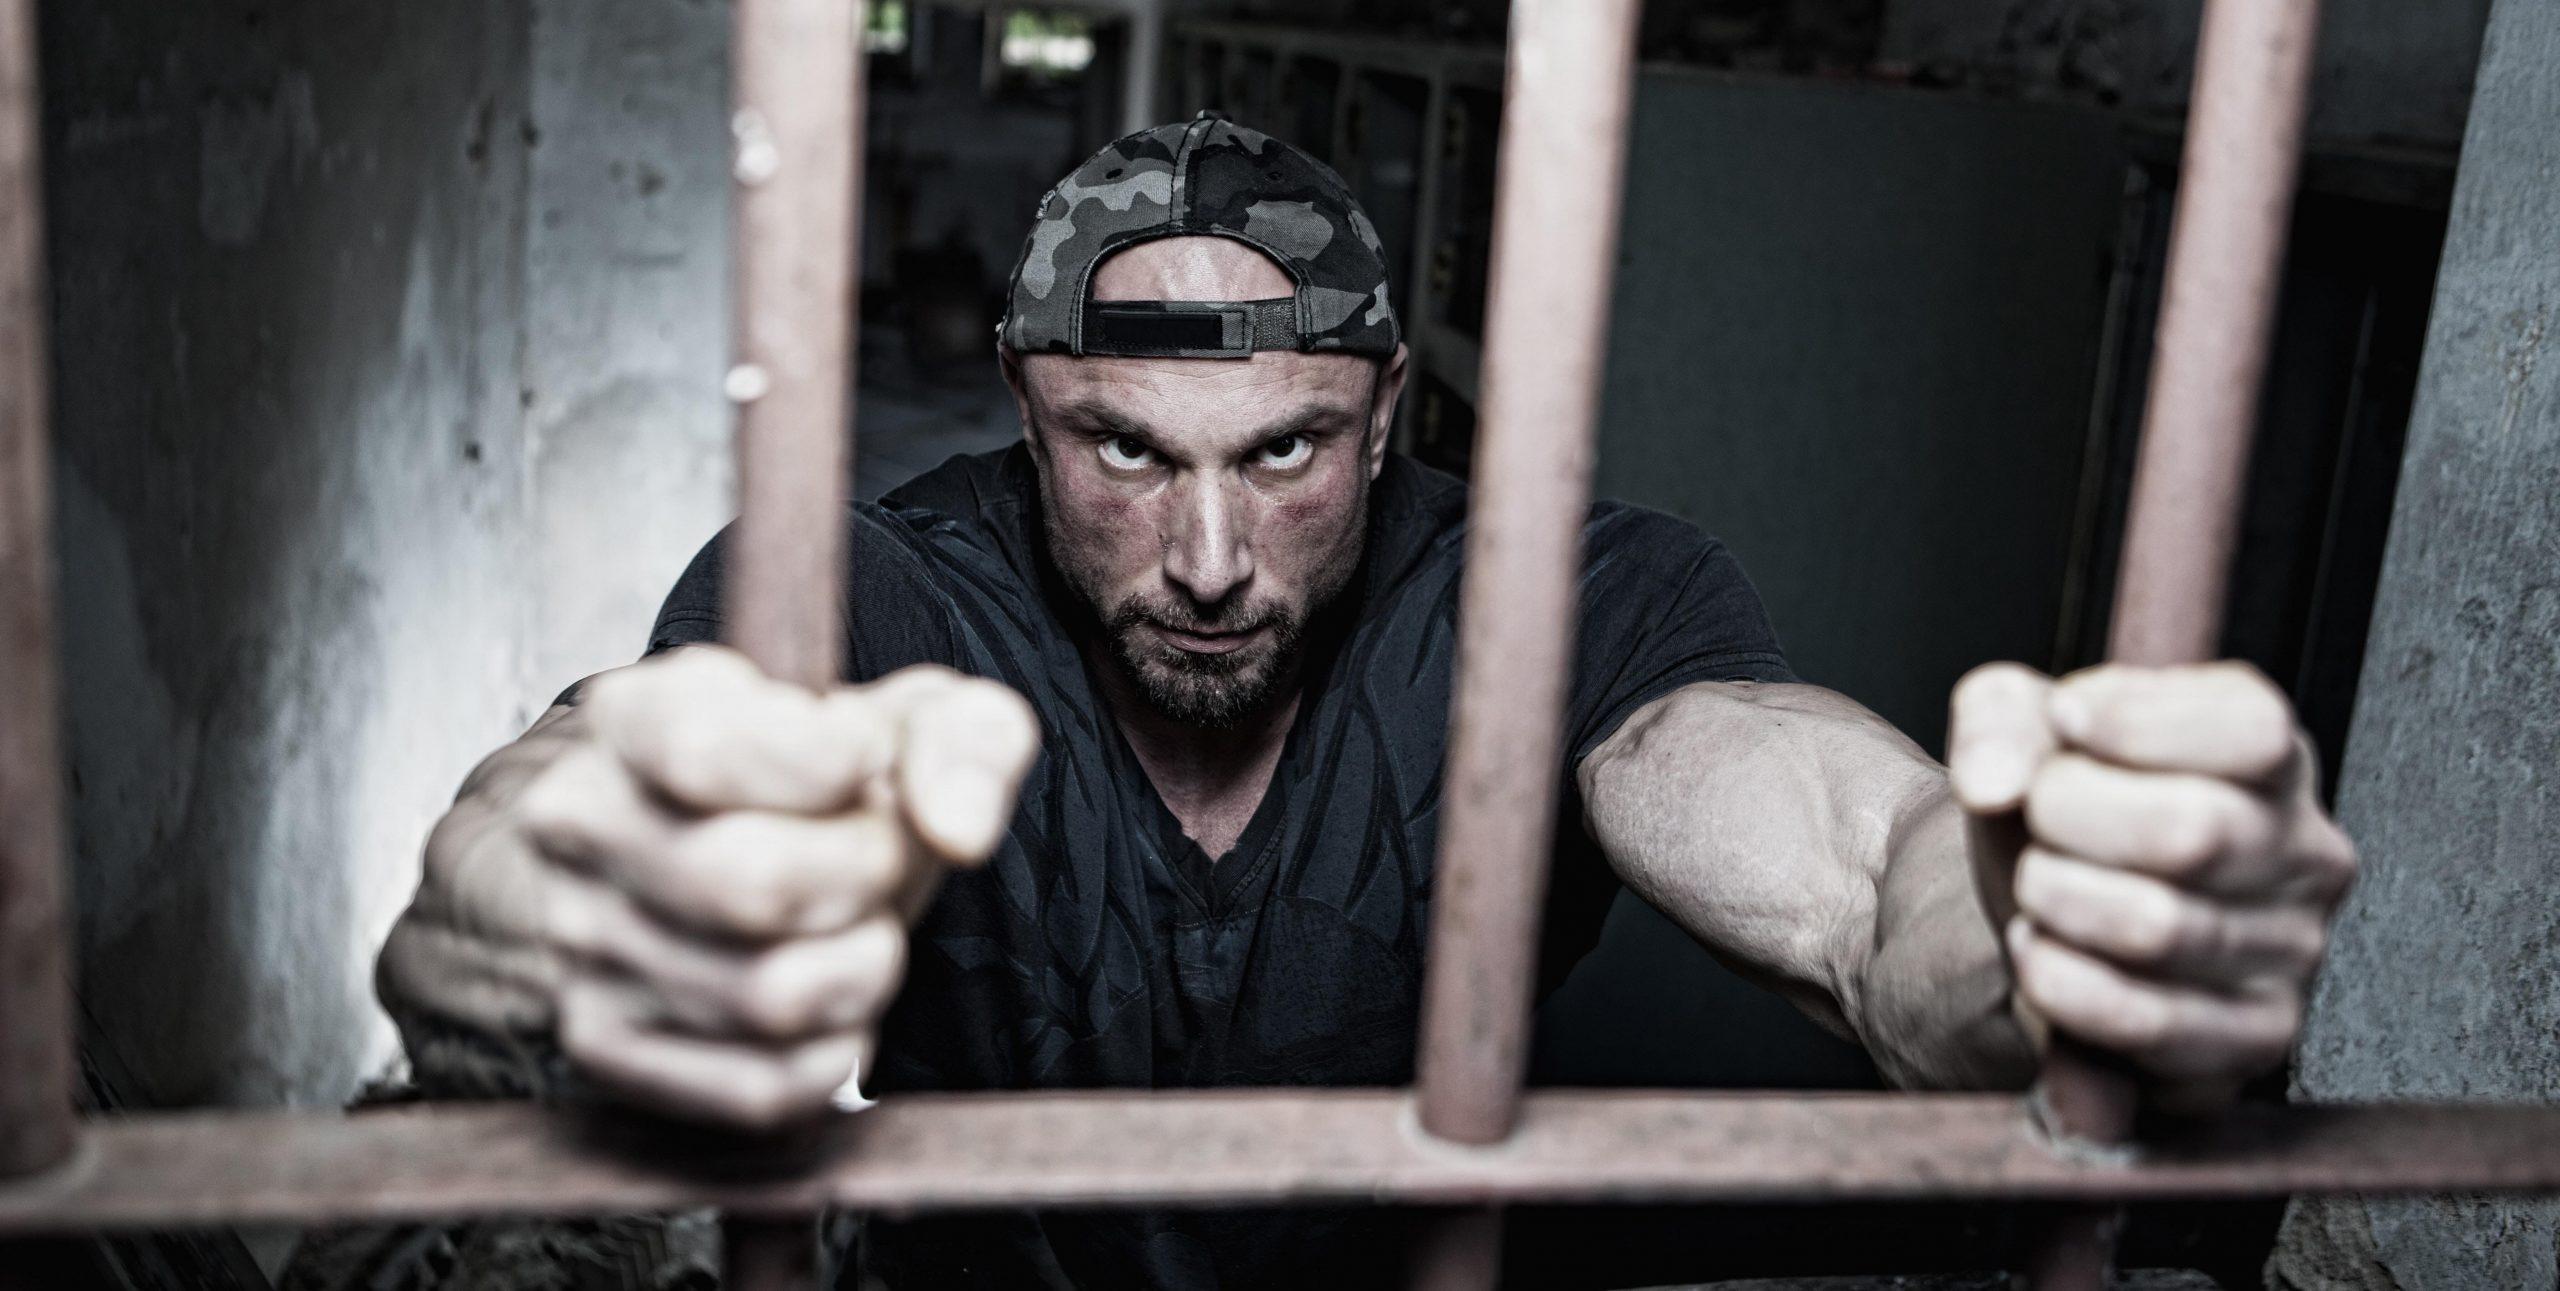 Scuola in carcere: quando il docente ti guarda negli occhi